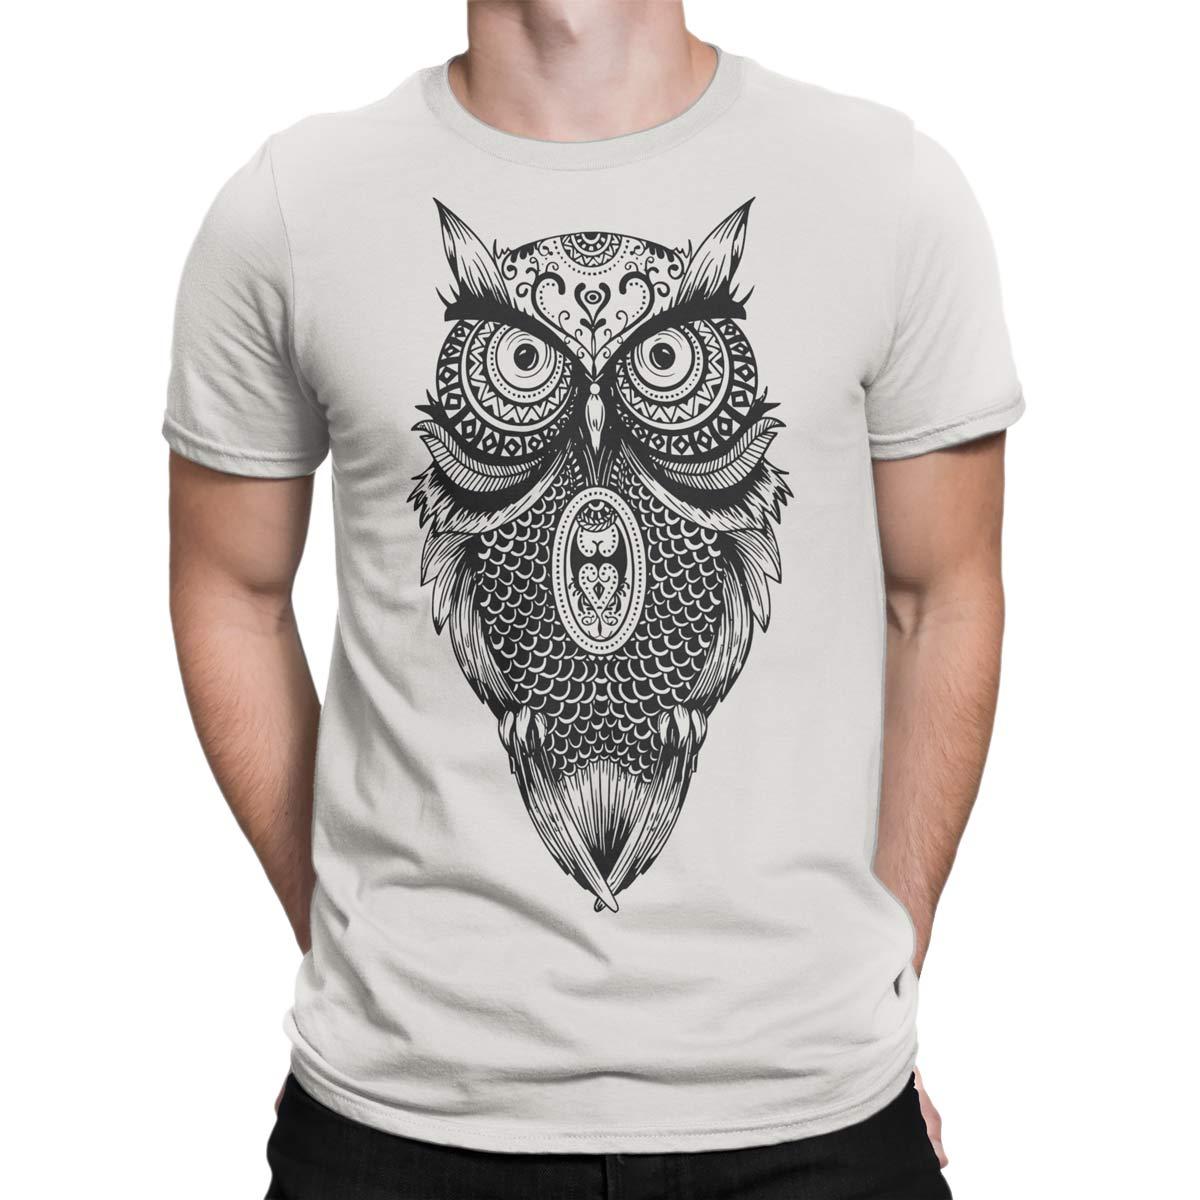 Owl - Unisex Shirts XZcLAkhjV6